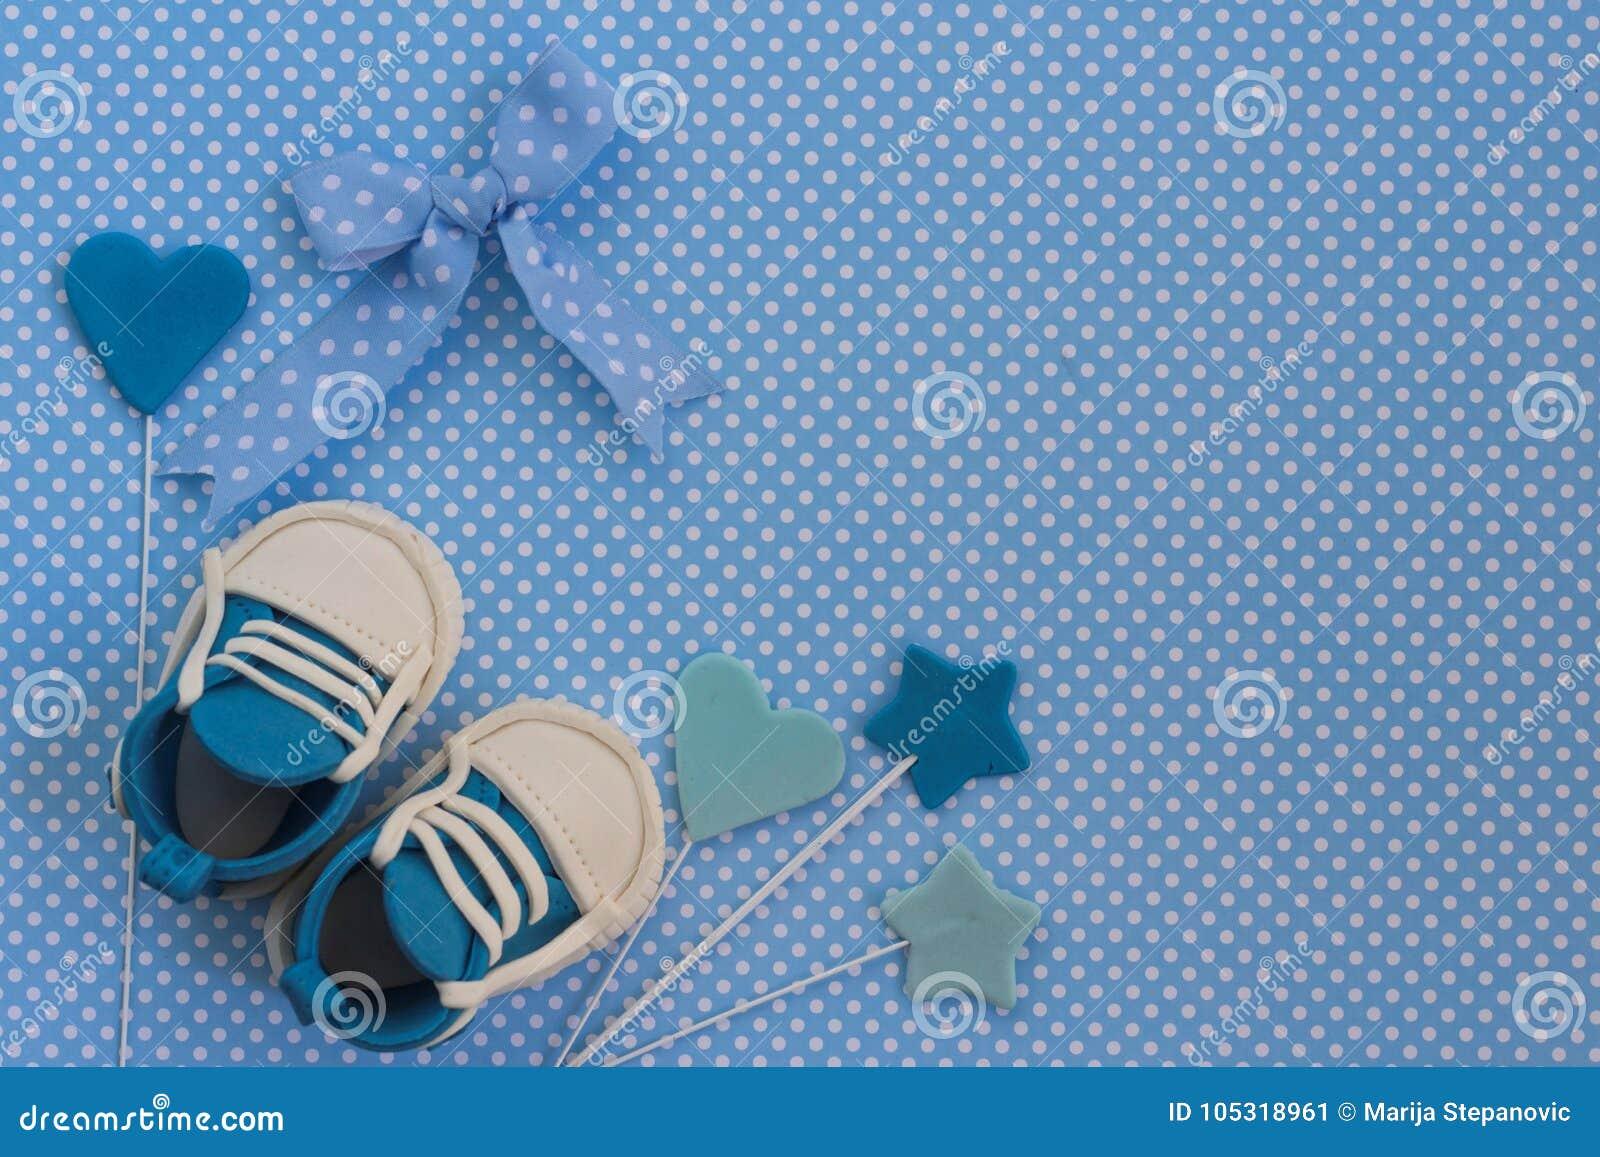 baby shower background  stock image  image of child